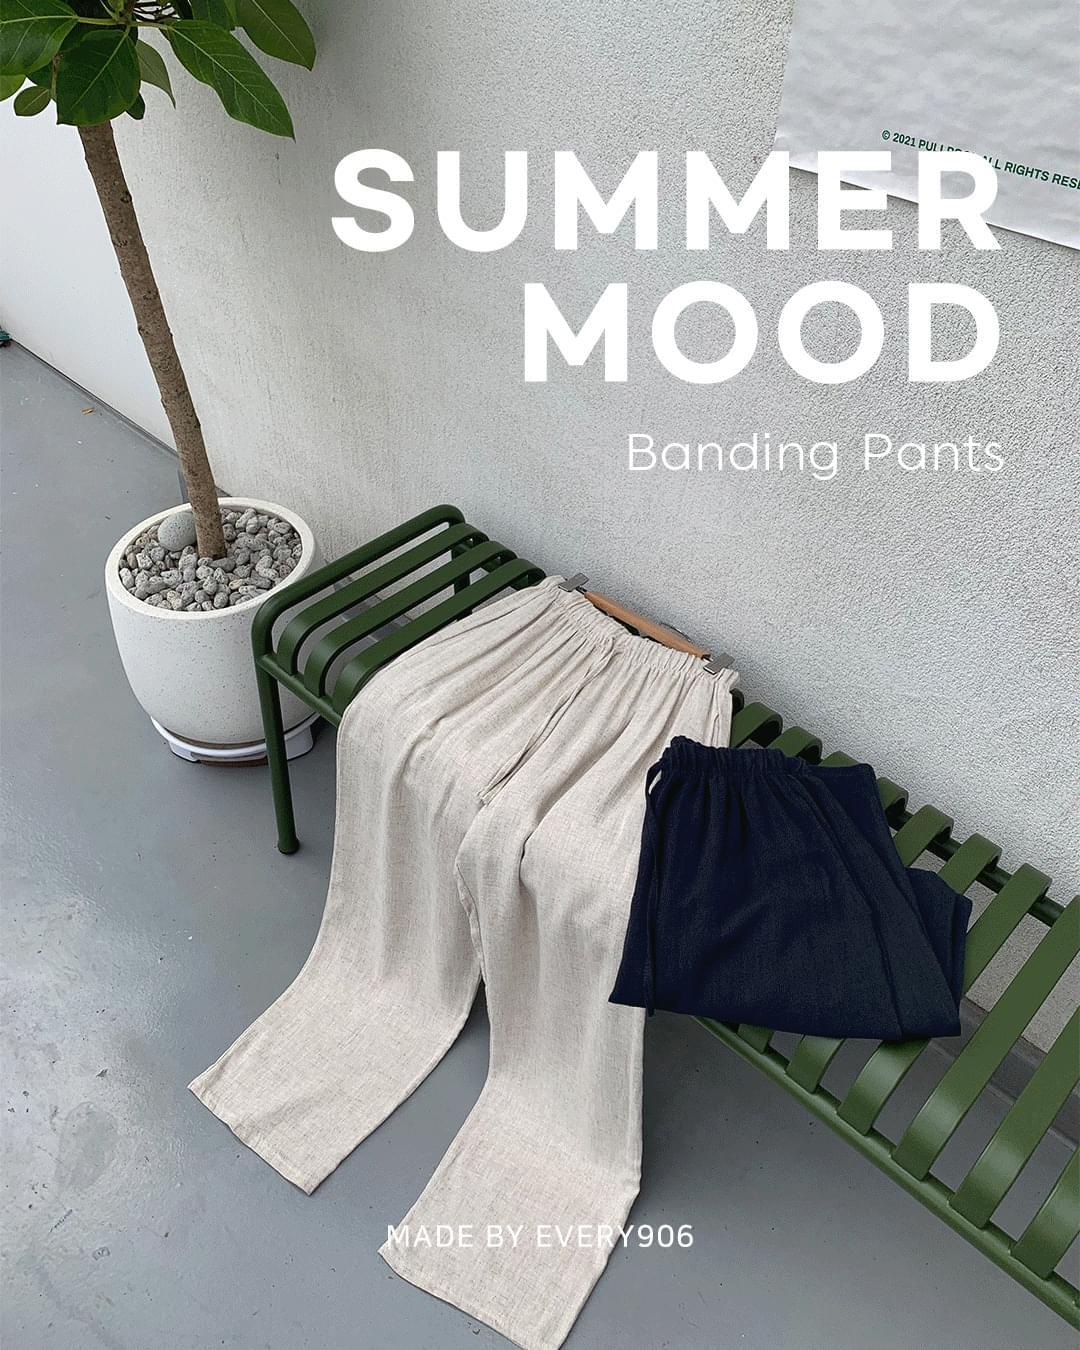 Summer mood banding pants